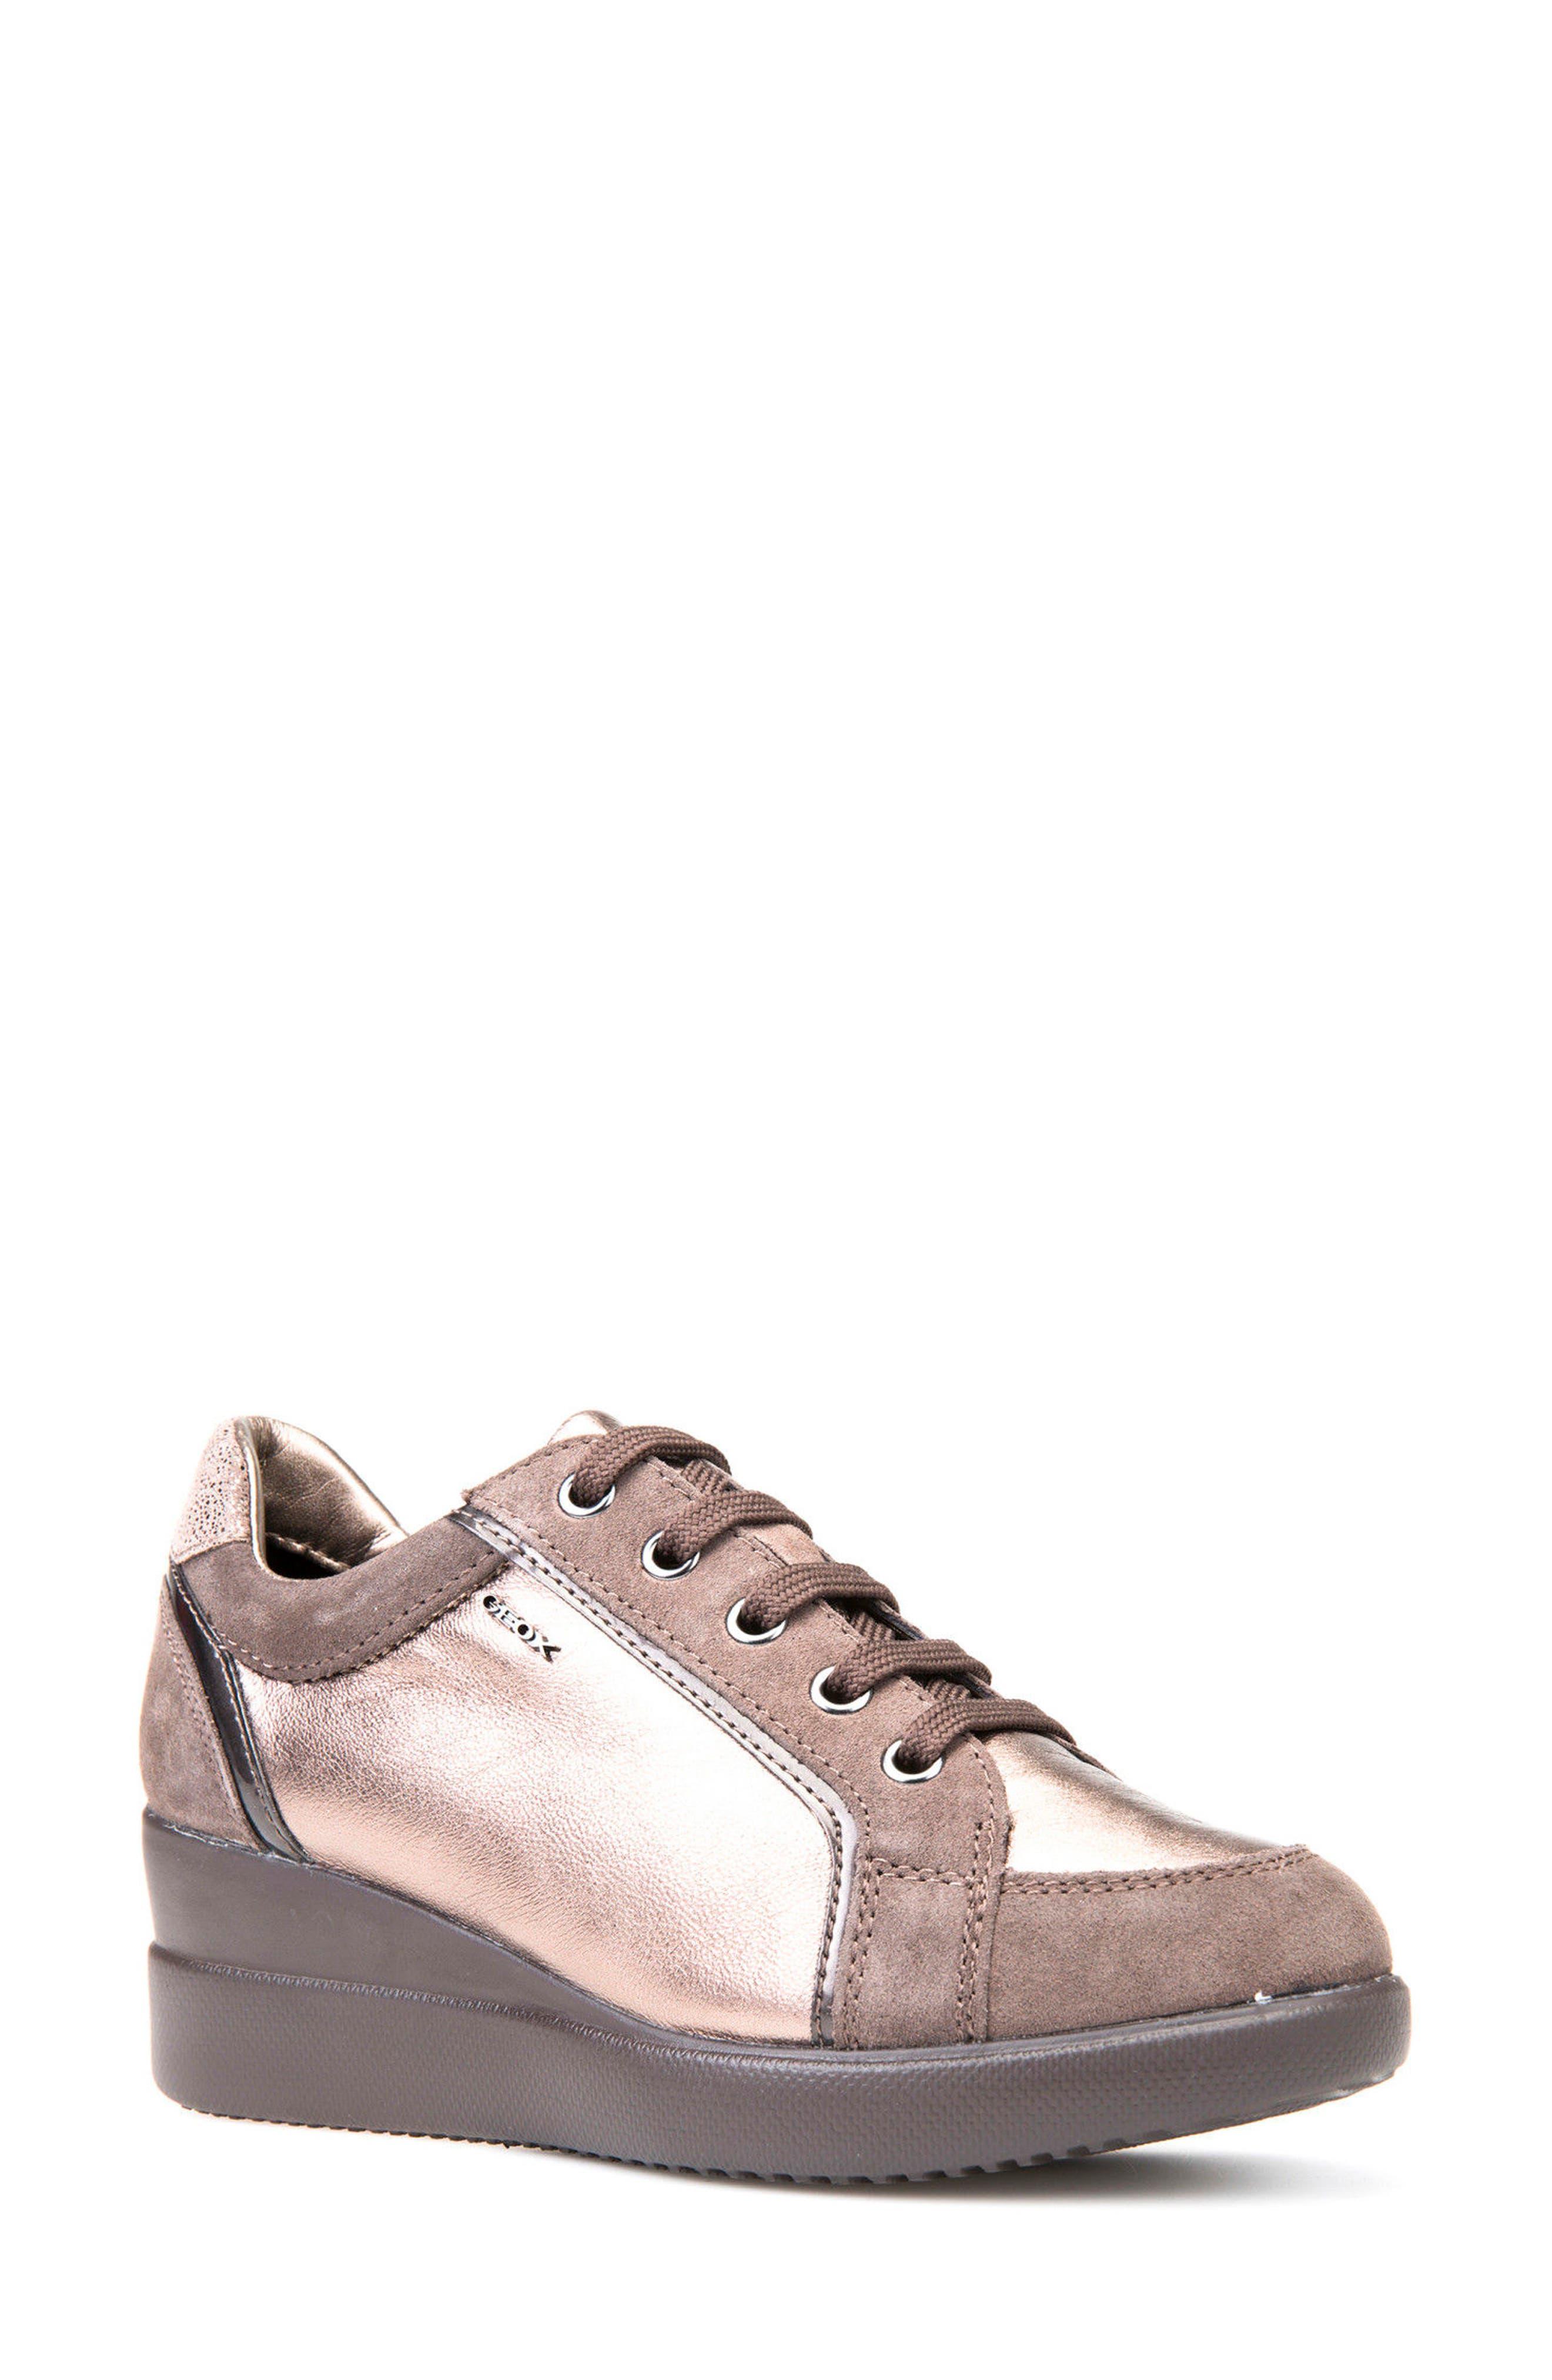 Main Image - Geox Stardust Wedge Sneaker (Women)